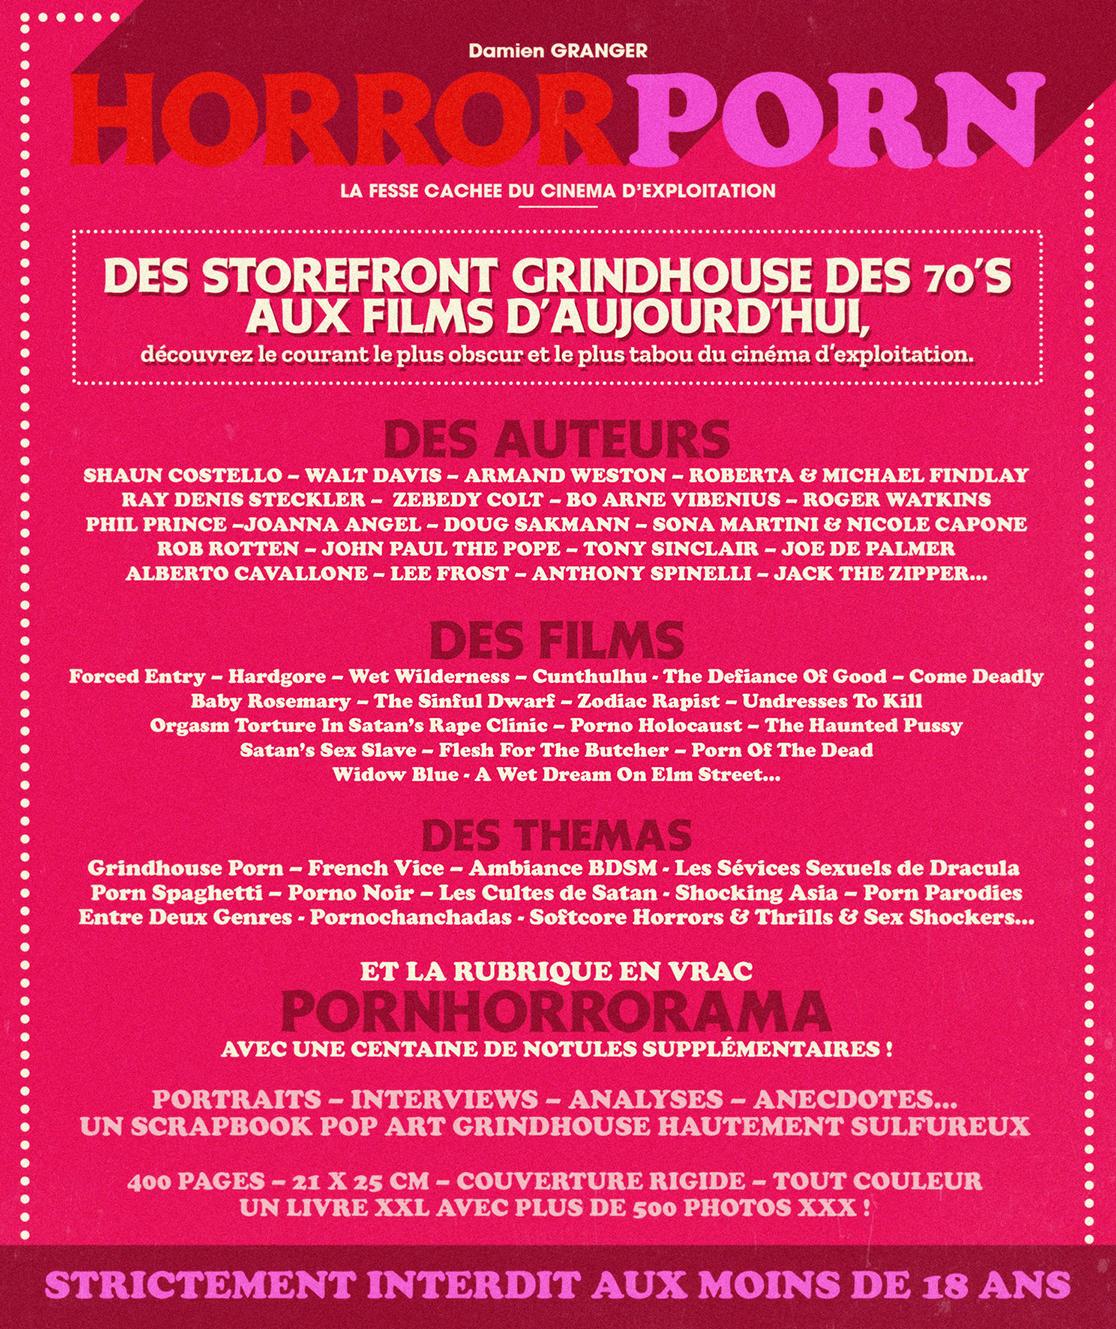 Horror Porn La fesse cachée du cinéma d'exploitation livre